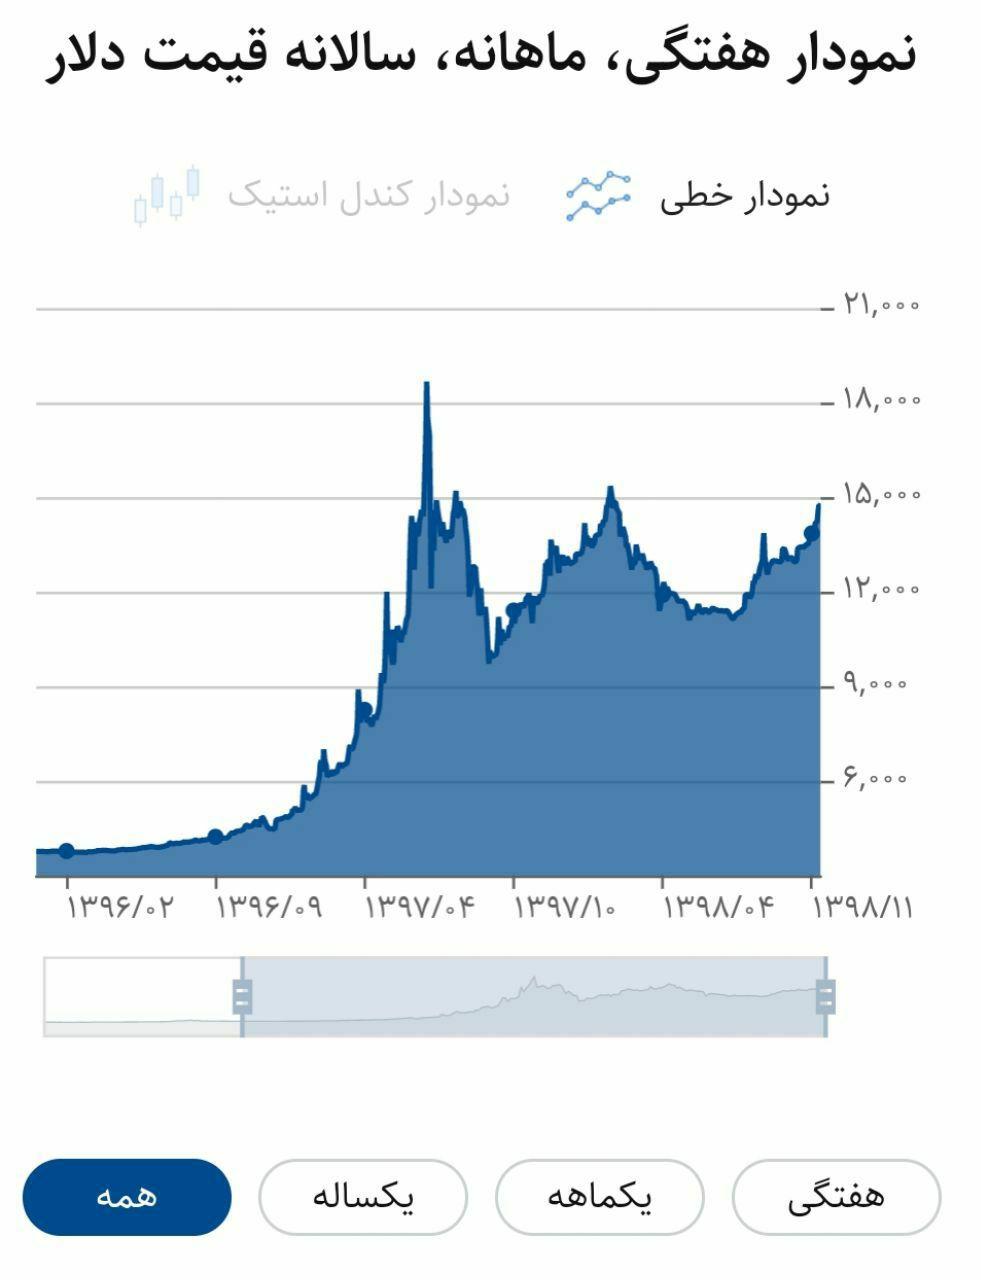 مقایسه شاخص بورس و قیمت دلار. … 179269001584163206